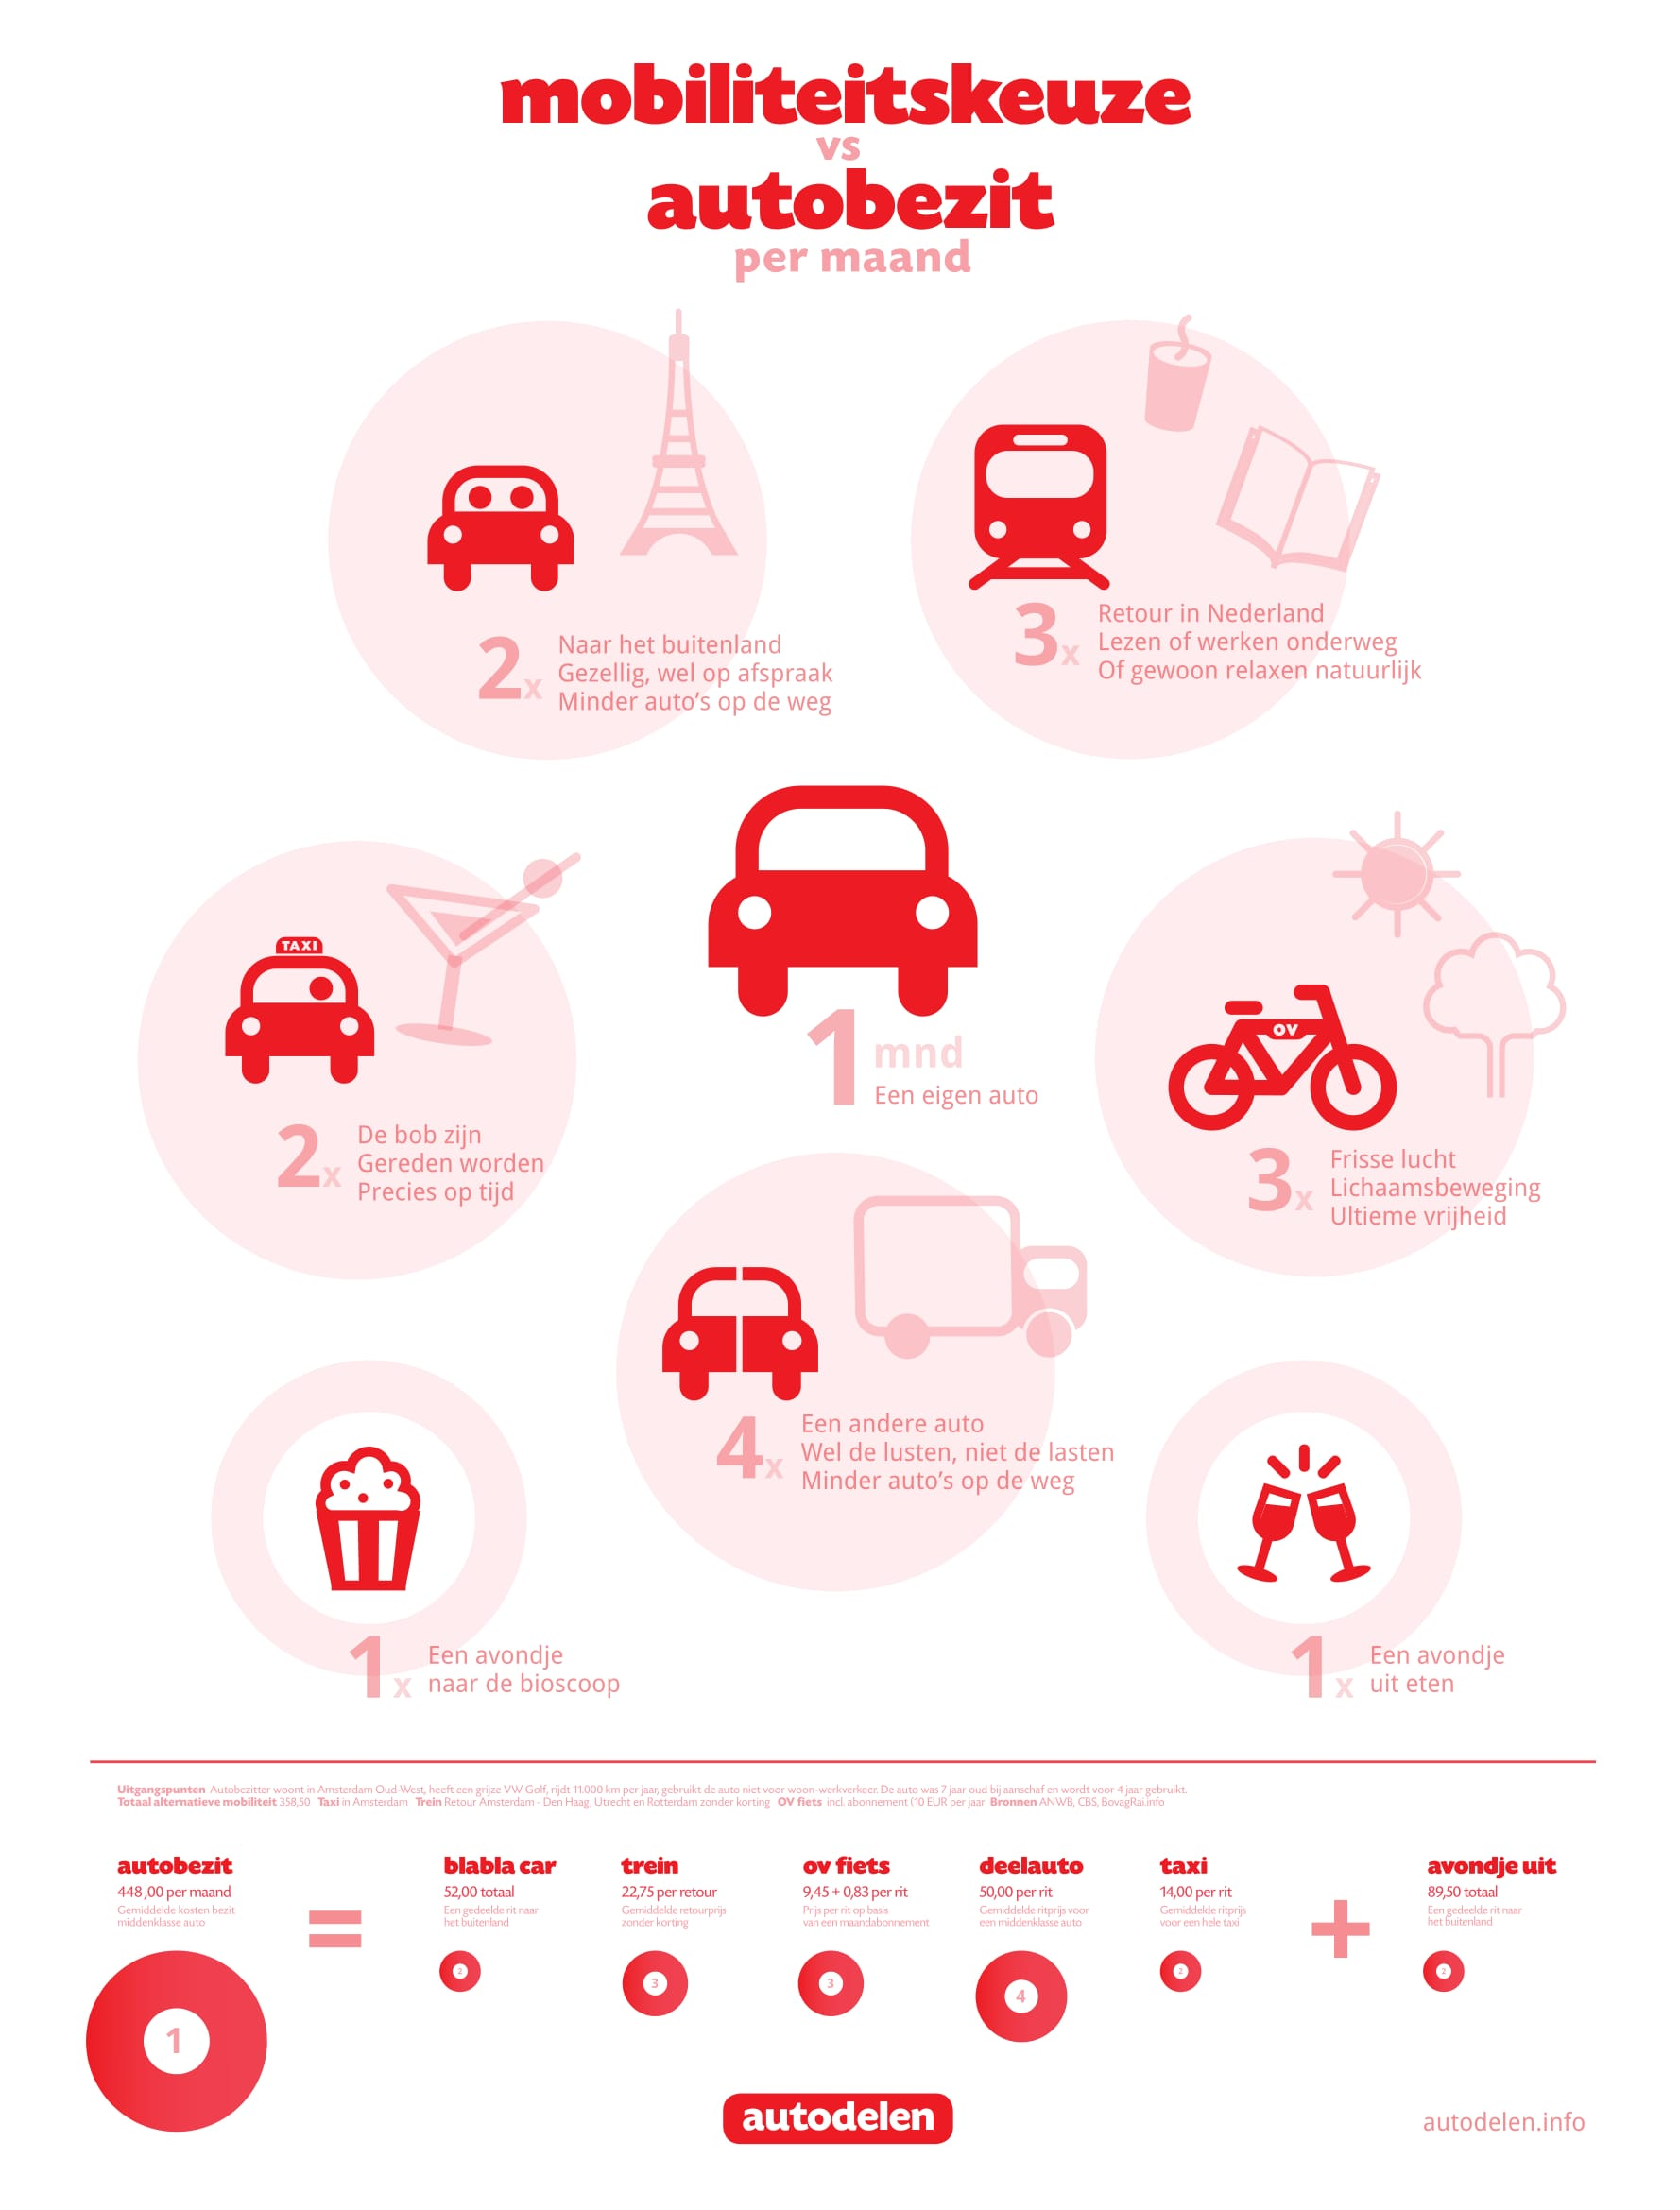 Hoeveel mobiliteit kun je kopen in plaats van een auto -